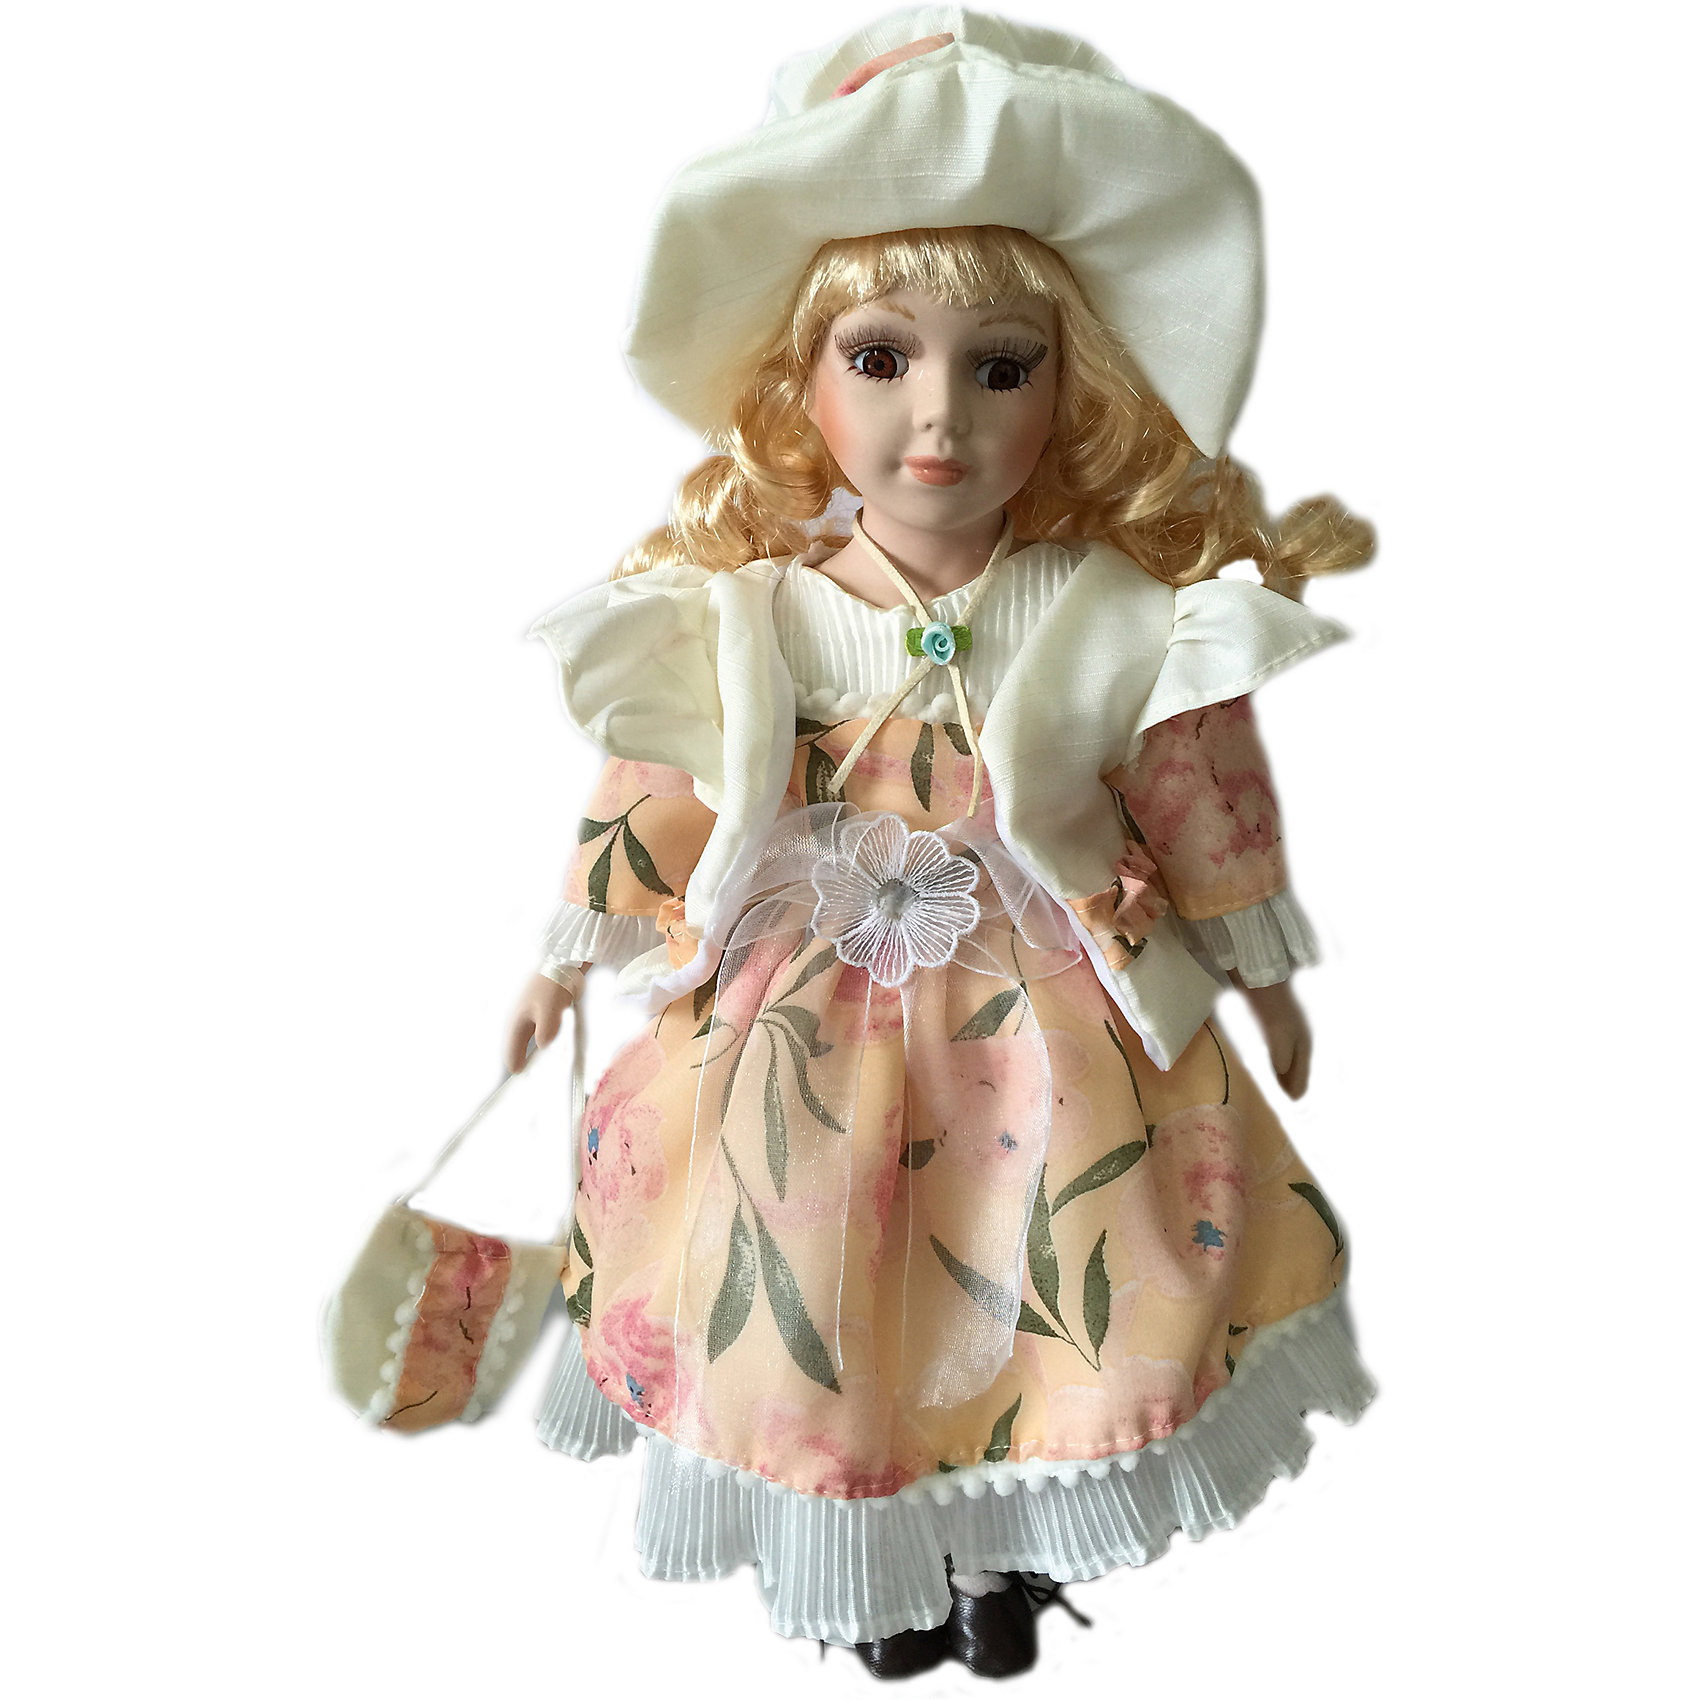 Фарфоровая кукла Эвелина, 40 см, Angel CollectionФарфоровая кукла Эвелина, 40 см, Angel Collection.<br><br>Характеристики:<br><br>• Высота куклы: 40 см.<br>• Материал: фарфор, текстиль<br>• Упаковка: картонная коробка блистерного типа<br><br>Фарфоровая кукла «Эвелина», Angel Collection изготовлена с большим вниманием к мелким деталям, благодаря этому она очень красива и привлекательна. У Эвелины большие глаза в обрамлении длинных ресничек, светлые волосы и ангельское кукольное личико. На кукле надето нежное платье персикового цвета, декорированное цветочным принтом. На ногах у Эвелины - туфельки, на голове - элегантная шляпа белого цвета, которая придает ей неповторимый шарм и грациозность. Кукла установлена на специальную подставку. <br><br>Фарфоровая красавица Эвелина - это не просто игрушка, а также украшение для интерьера или ценный экспонат коллекции. Каждая кукла в серии Angel Collection, обладает неповторимым образом - принцессы, феи, маленькие девочки, роскошные невесты и т.д. Изысканные наряды и очаровательная матовость фарфора превращают этих кукол в настоящее произведение искусства. Куклы Angel Collection сделаны из уникальной голубой глины, добываемой только в провинции Tai-Nan Shin, Тайвань.<br><br>Фарфоровую куклу Эвелина, 40 см, Angel Collection можно купить в нашем интернет-магазине.<br><br>Ширина мм: 160<br>Глубина мм: 420<br>Высота мм: 95<br>Вес г: 833<br>Возраст от месяцев: 36<br>Возраст до месяцев: 2147483647<br>Пол: Женский<br>Возраст: Детский<br>SKU: 5400288